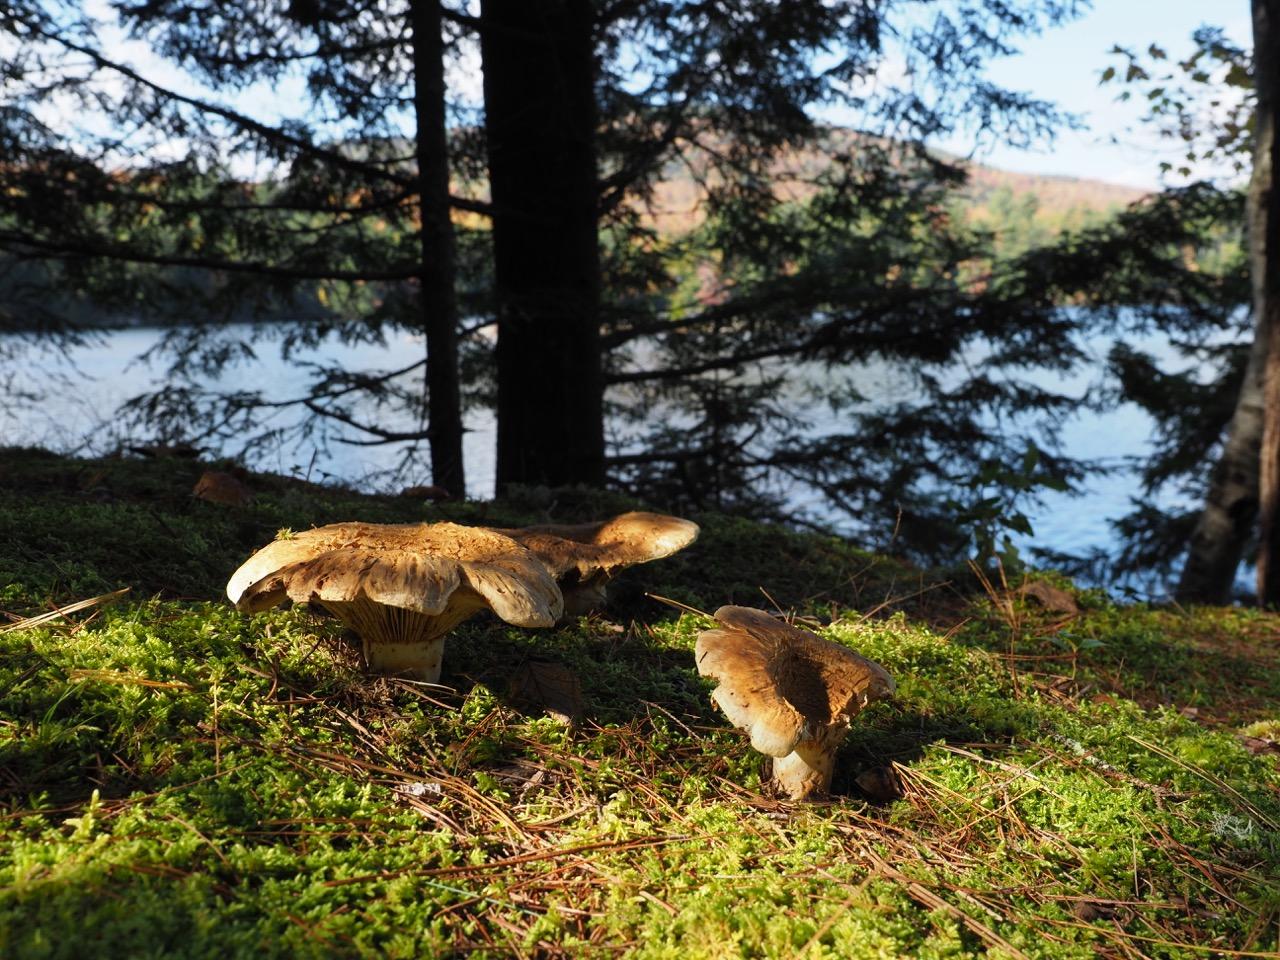 P22-mushrooms-close up at lake-PA100373.jpg